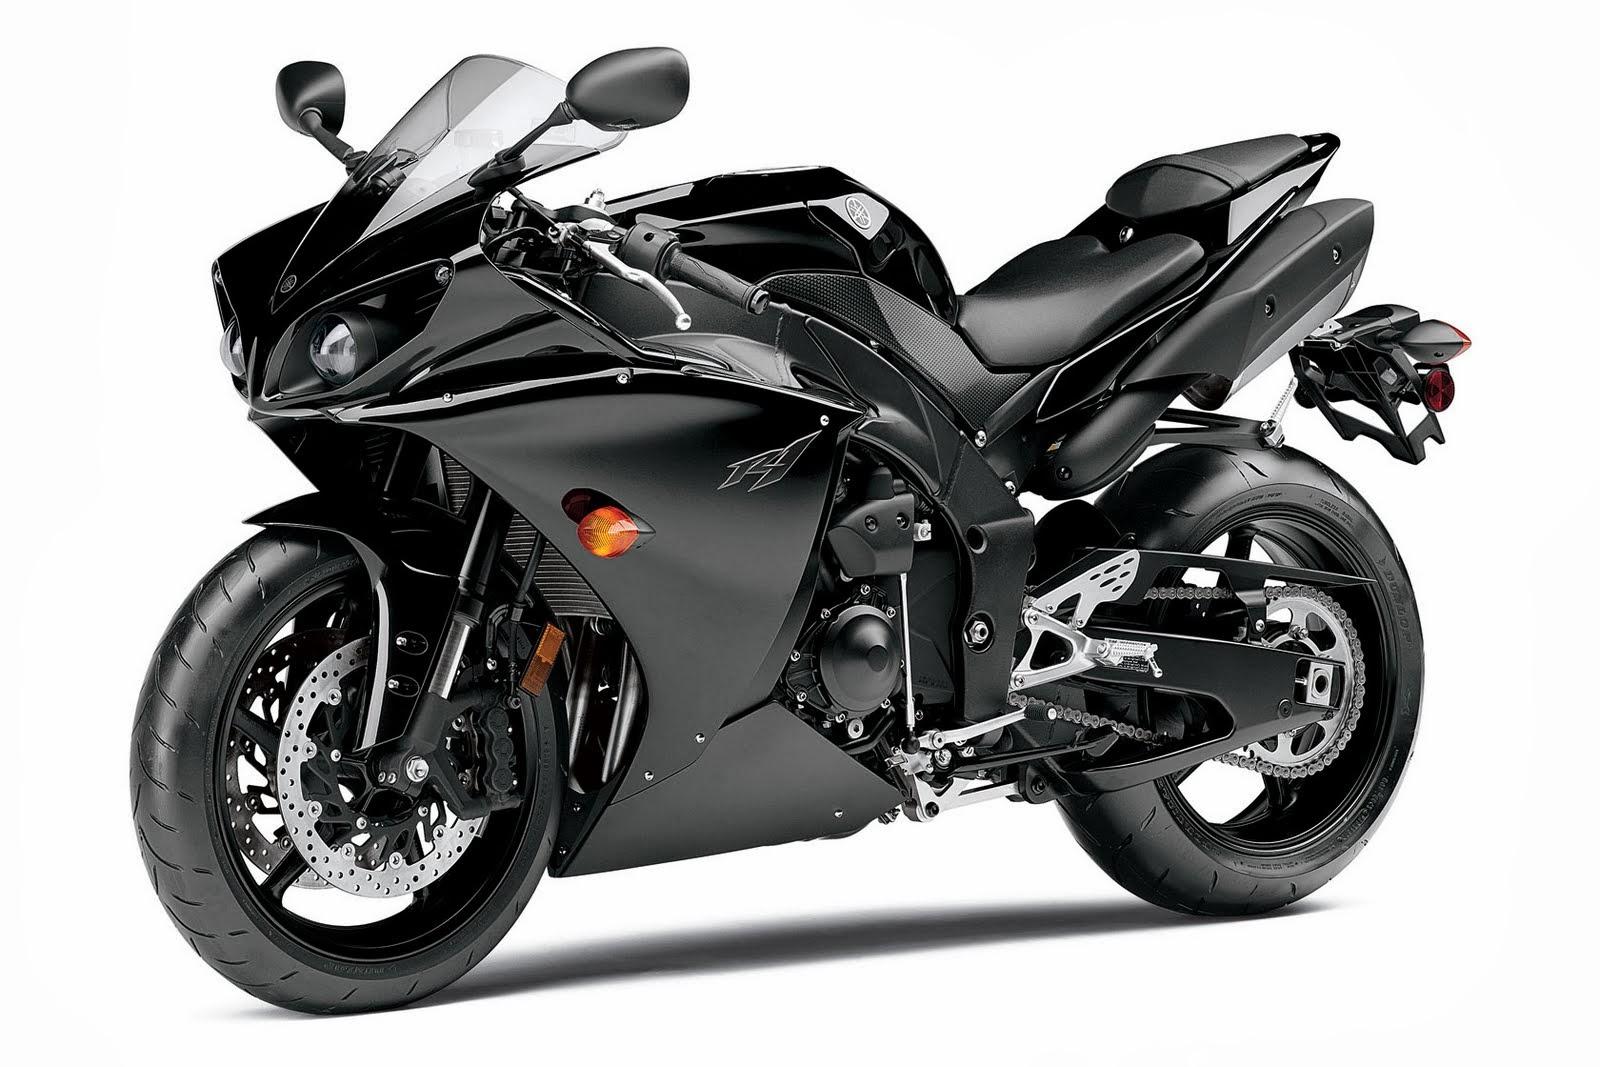 Semua Tentang Sepeda Motor: Modifikasi Gambar Motor Yamaha Terbaru ...